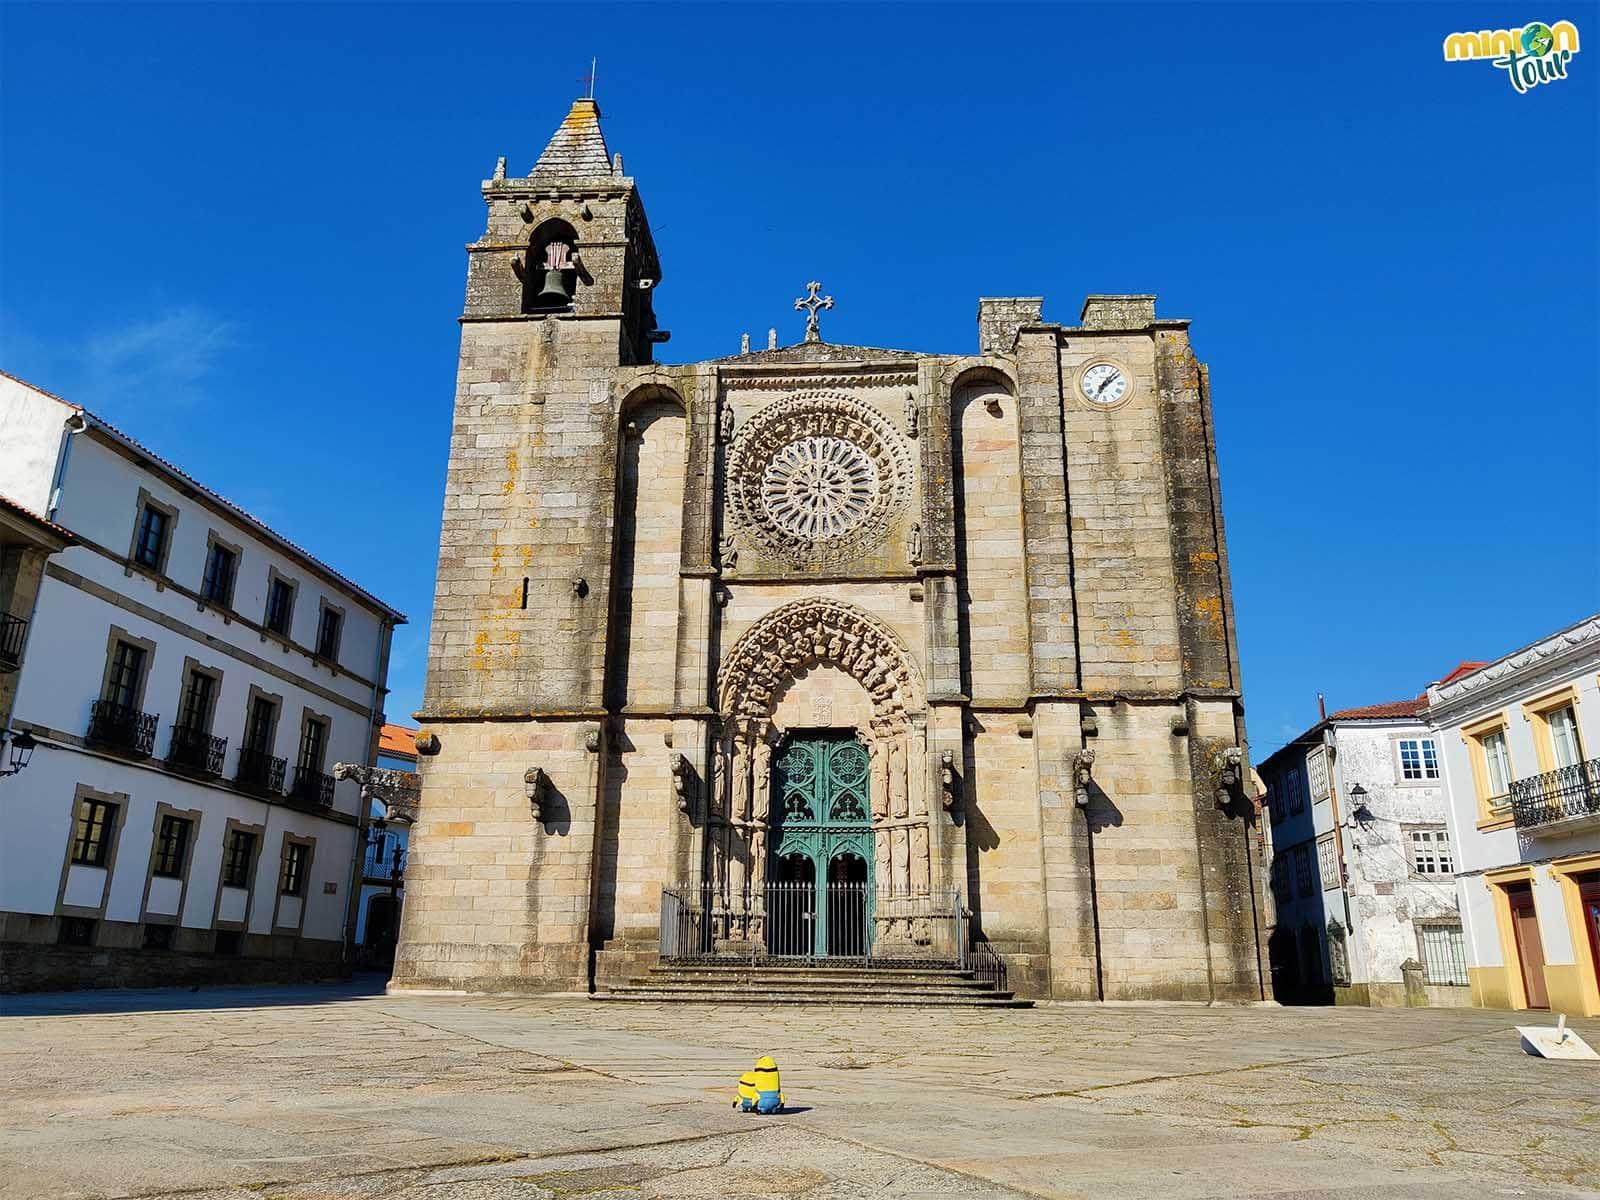 La Iglesia de San Martiño de Noia es una de las cosas que ver en la Ria de Muros y Noia